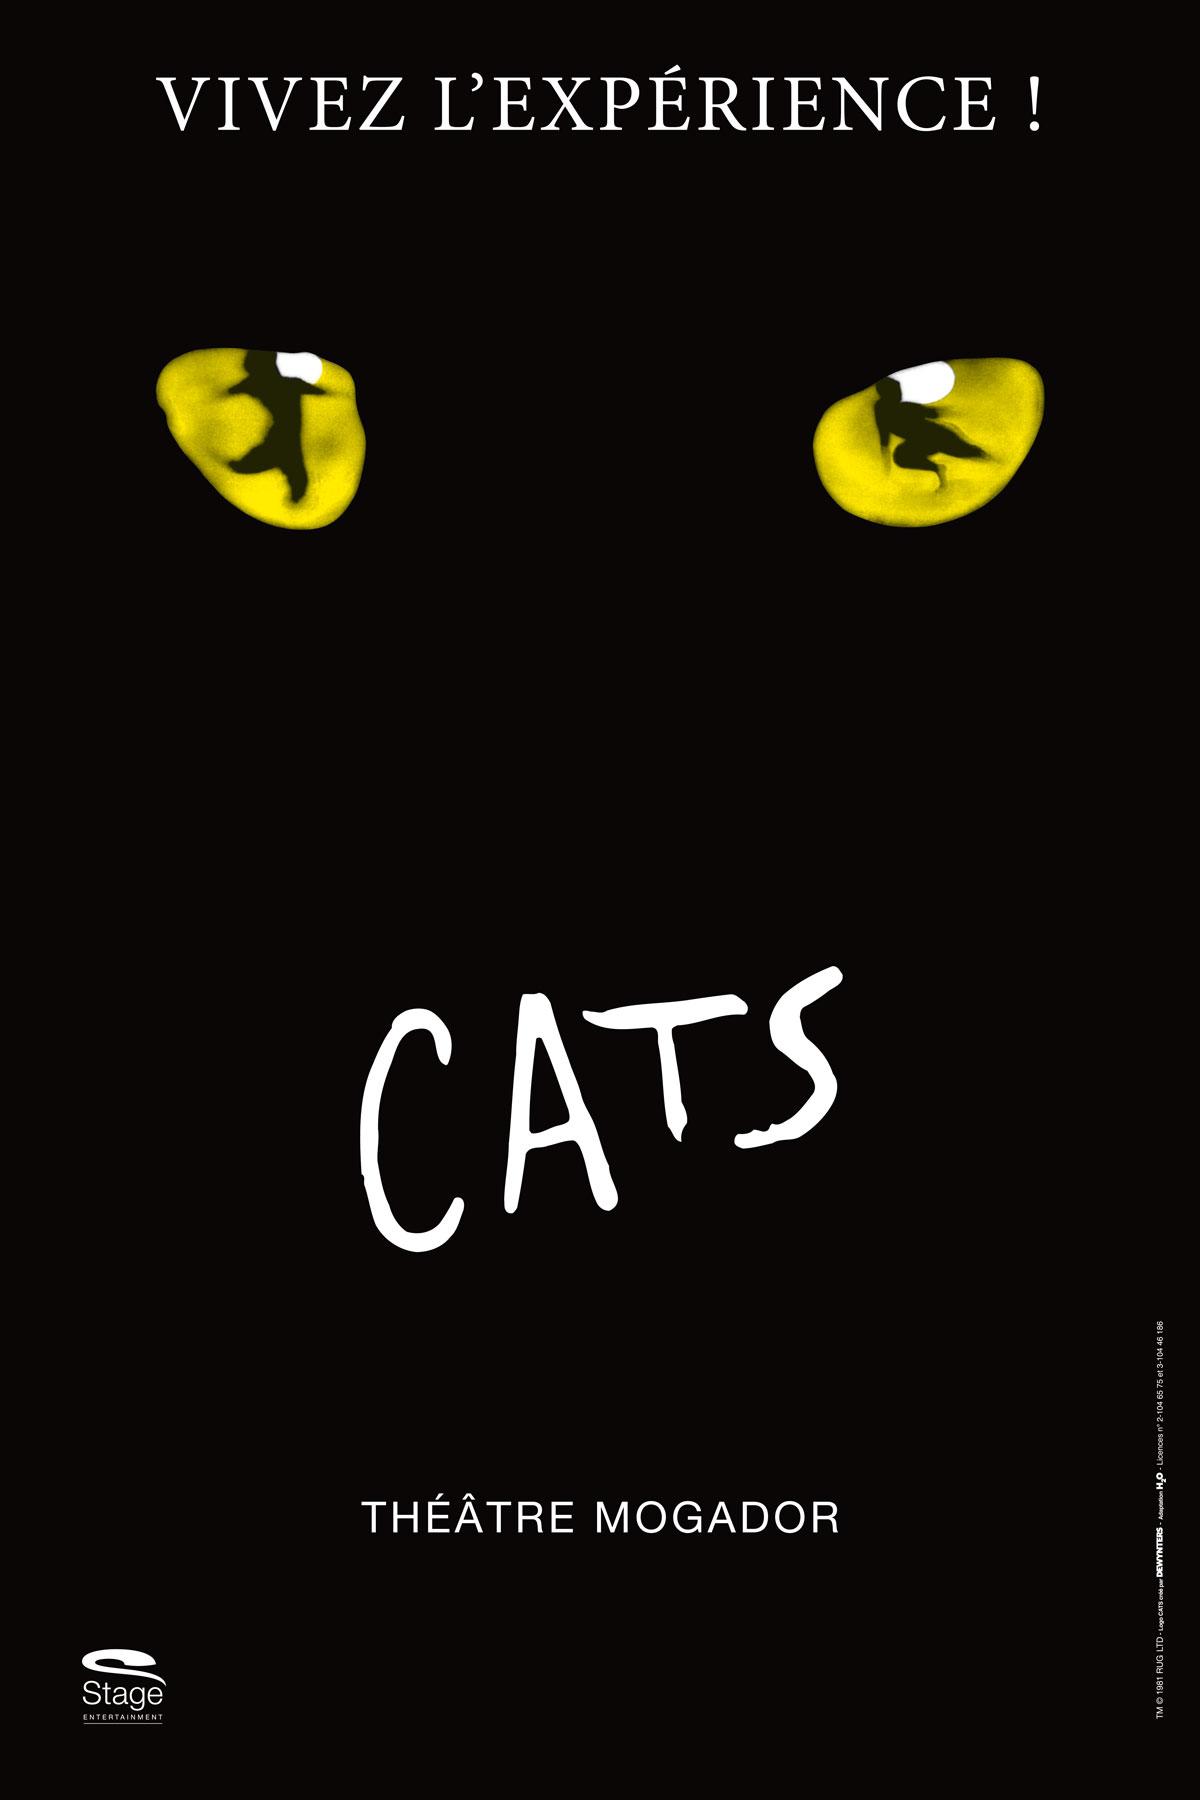 Cats_40x60_BD